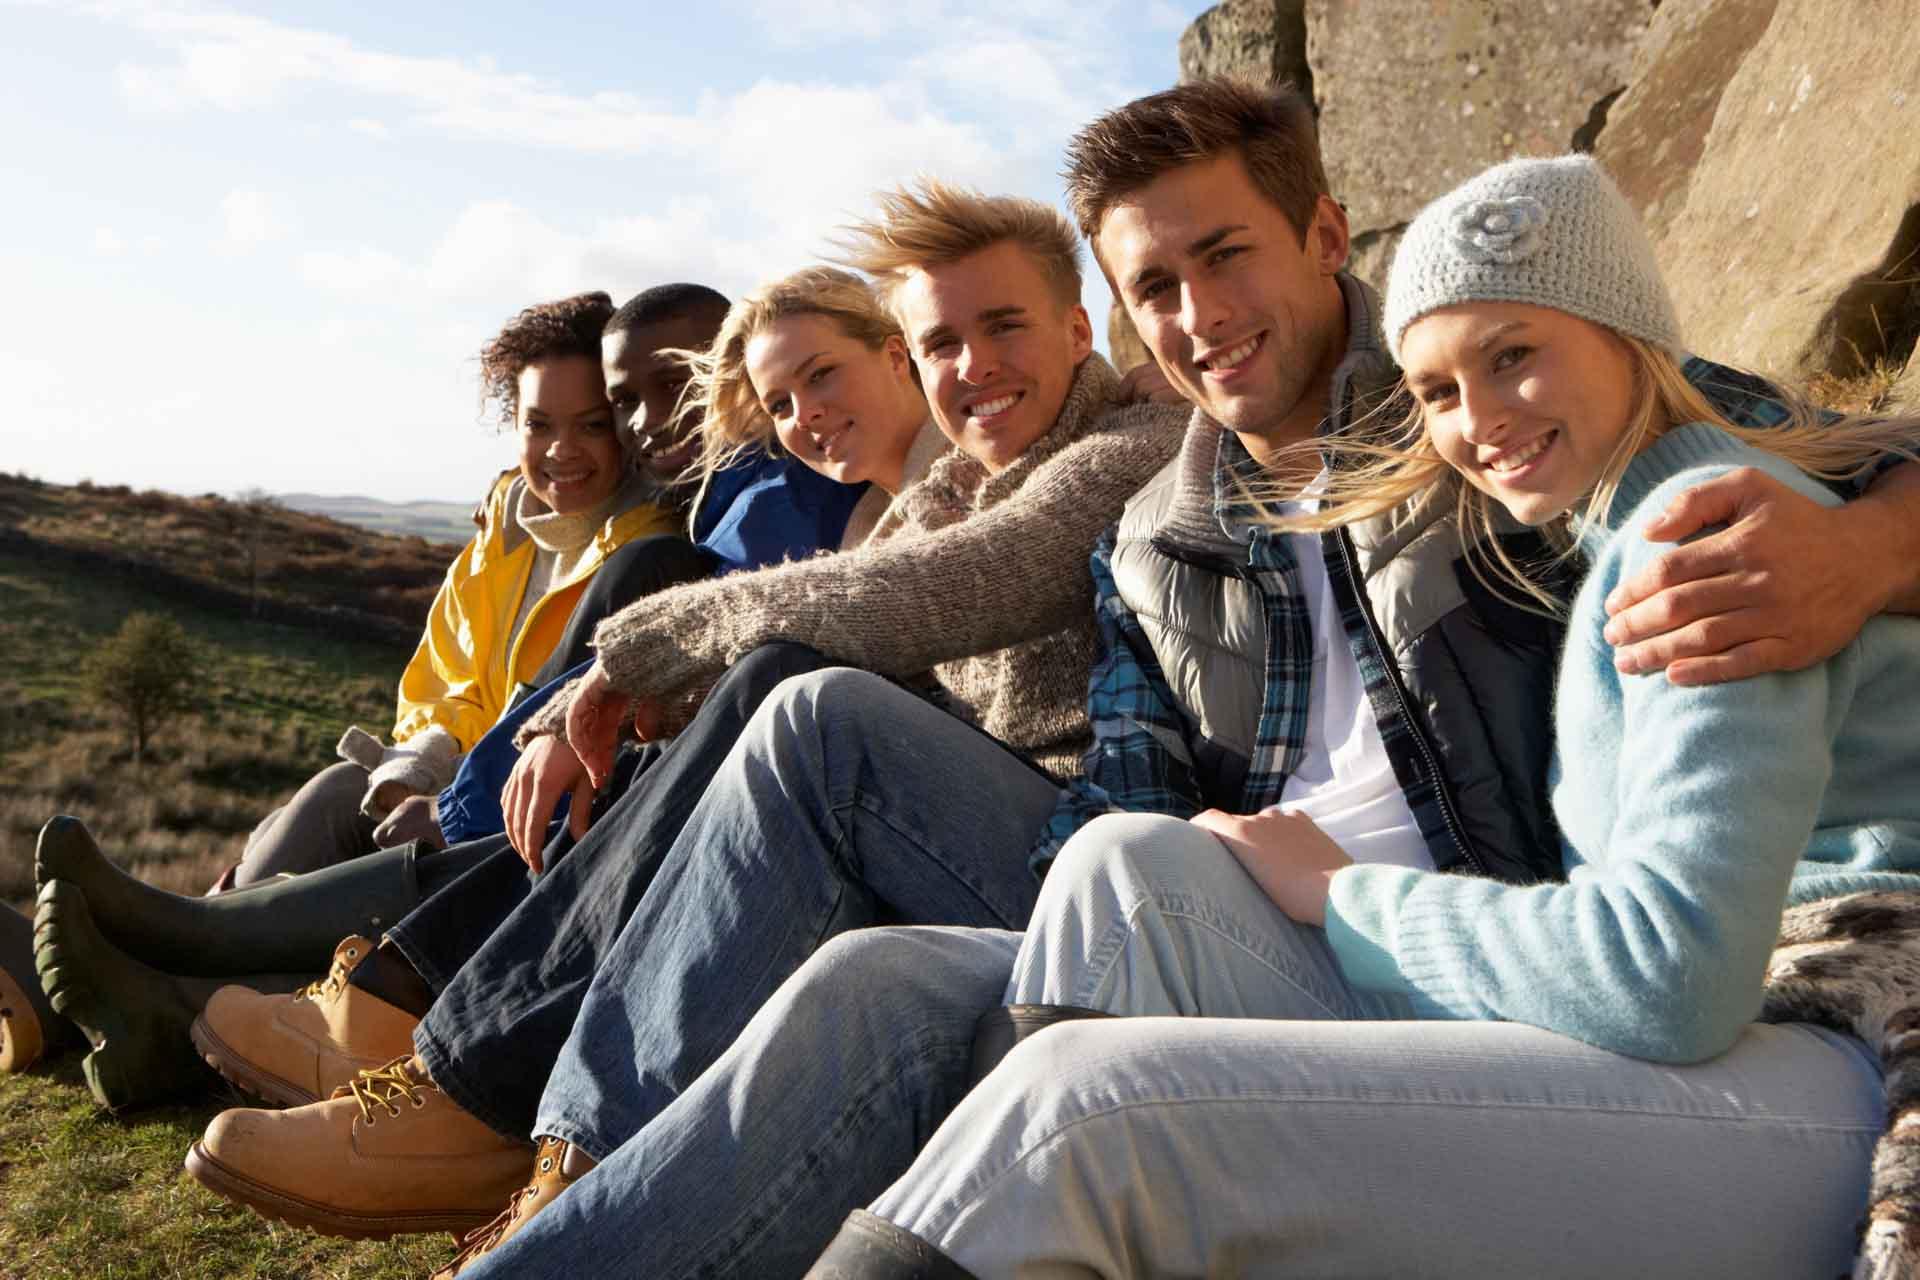 Jugendliche Treffen, Freizeit verbringen